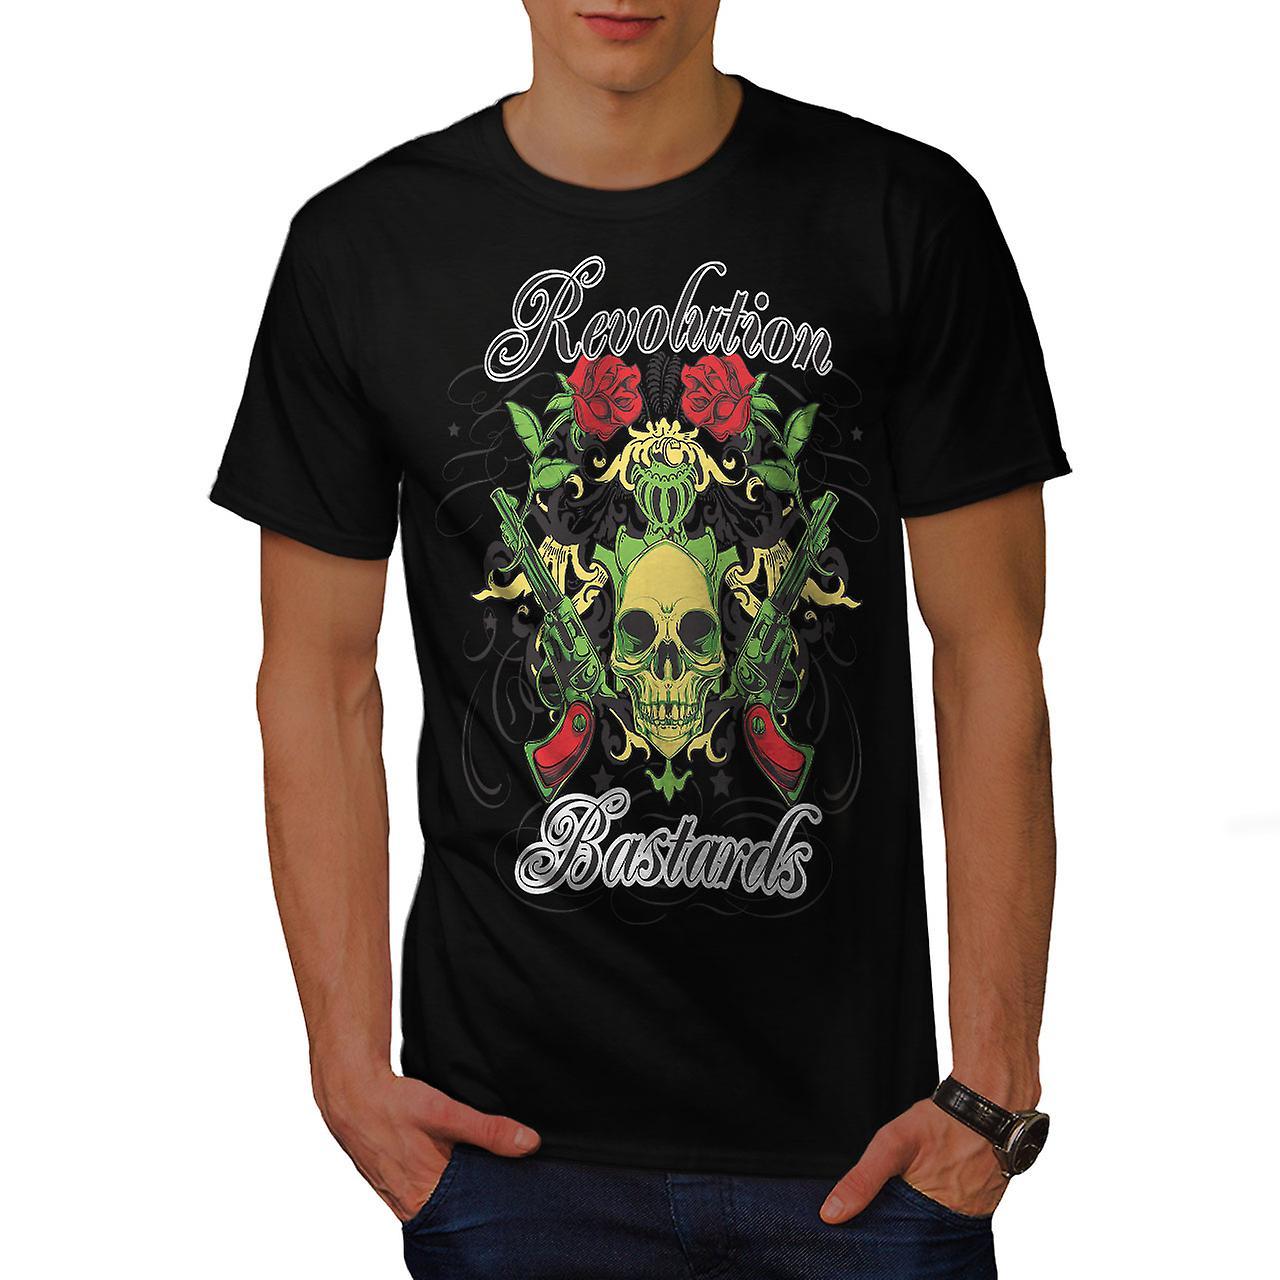 Revolution Bastards Skull Men Black T-shirt | Wellcoda